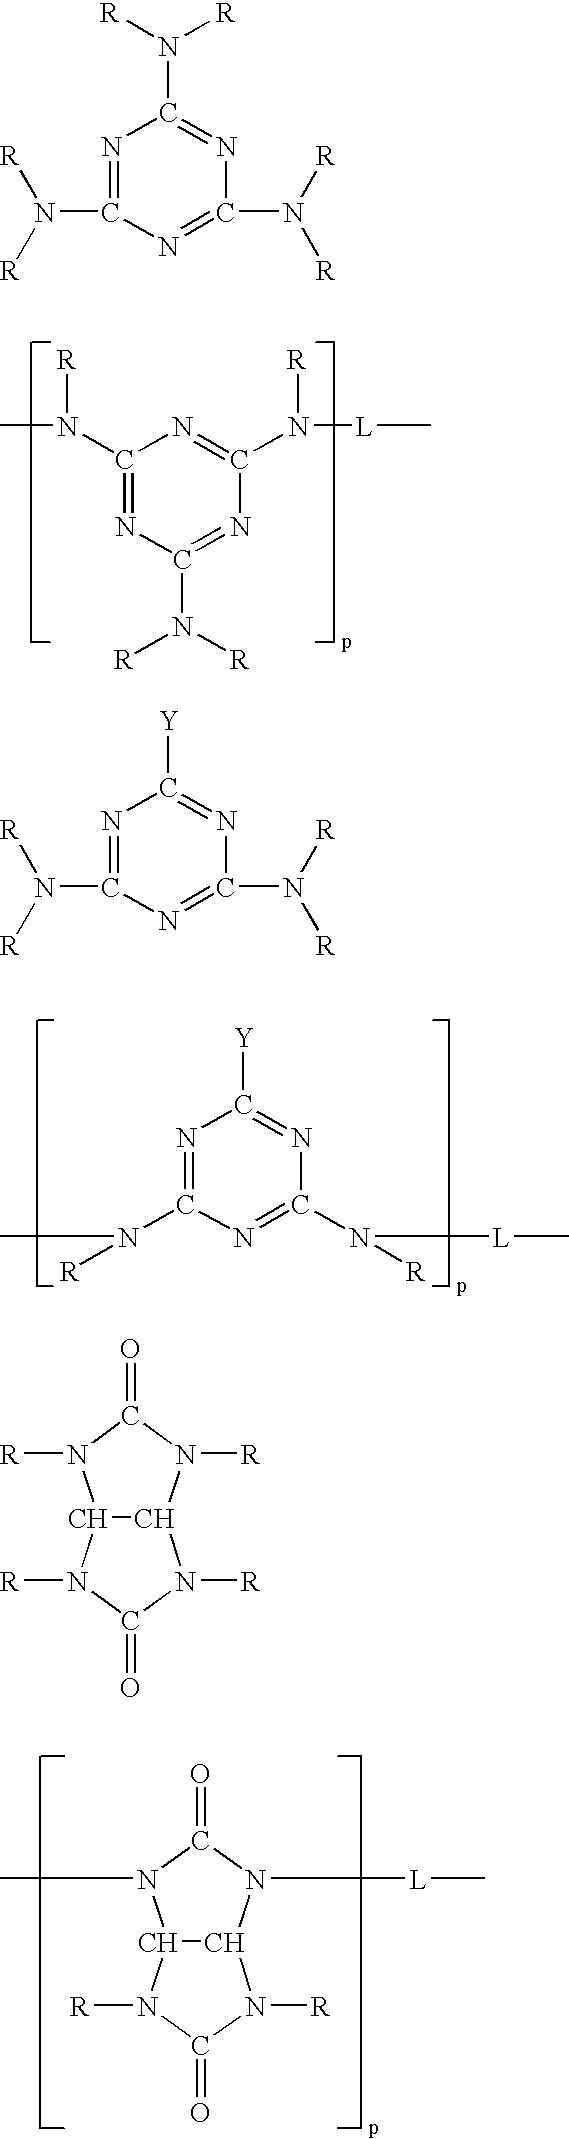 Figure US07138450-20061121-C00025